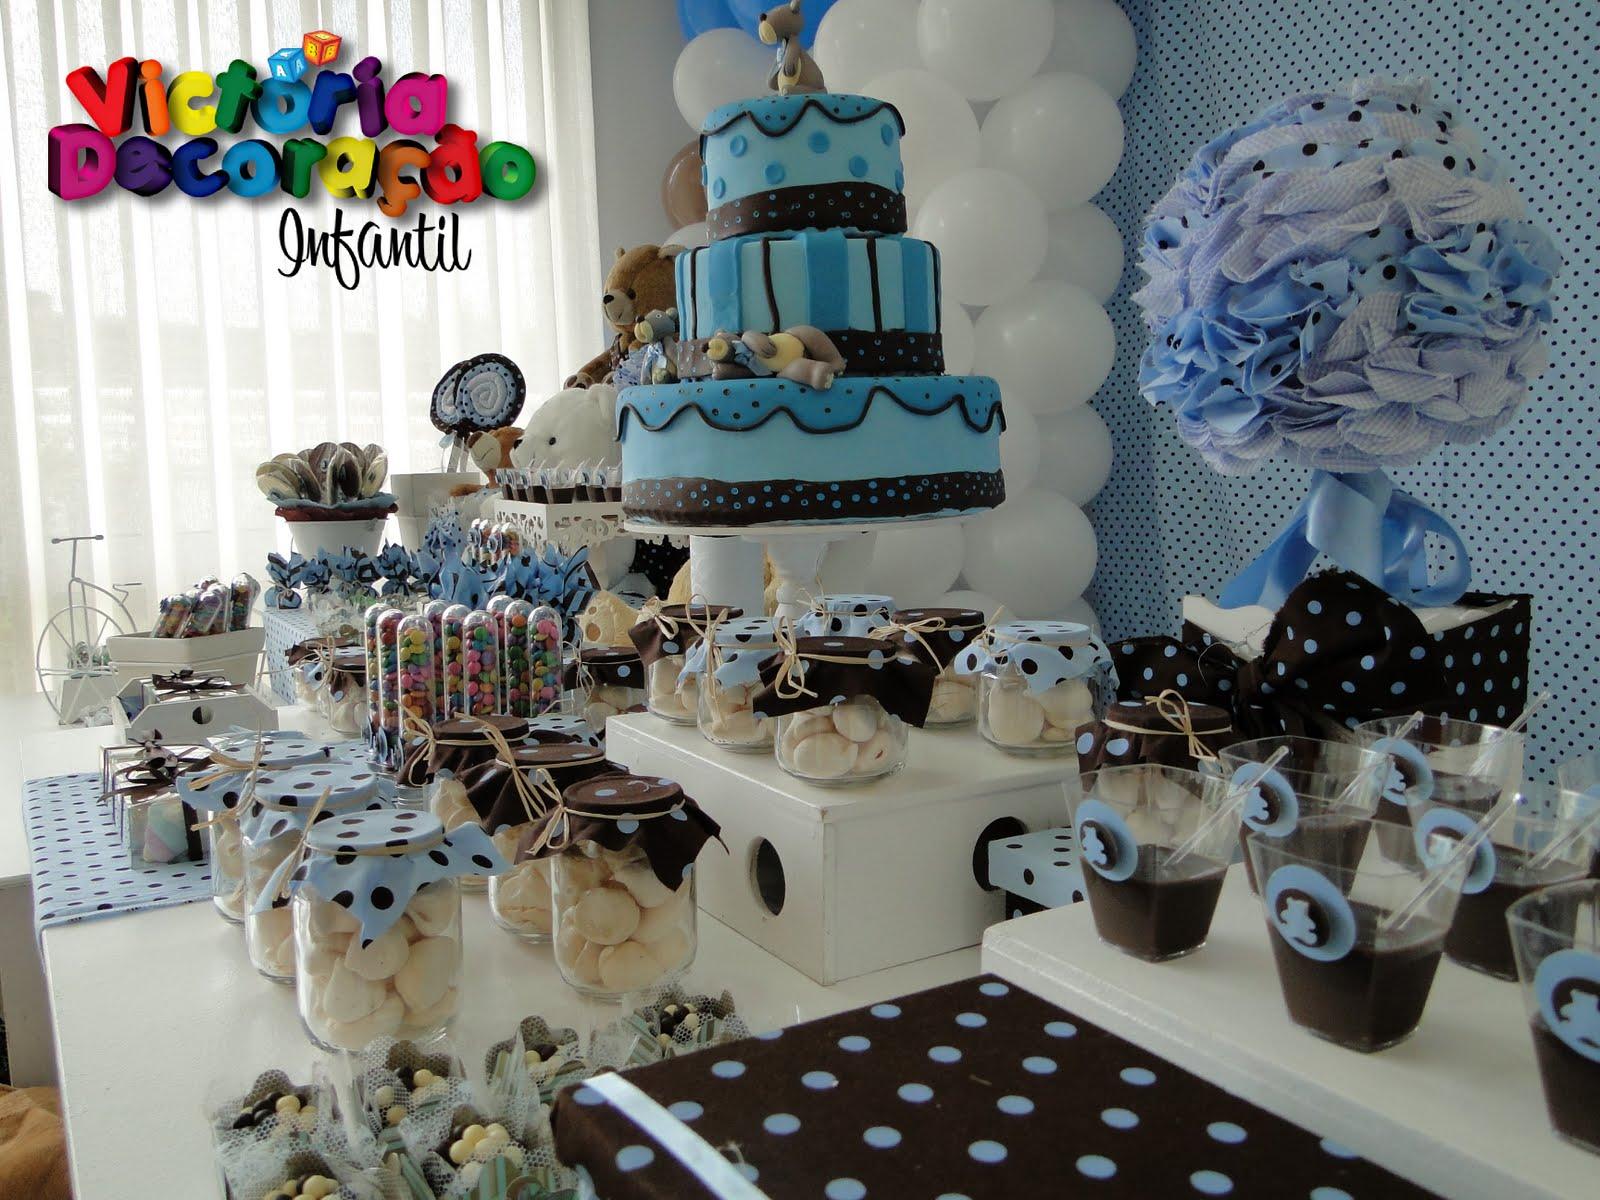 decoracao festa urso azul e marrom:Decoracao Aniversario Ursinho Marrom E Azul